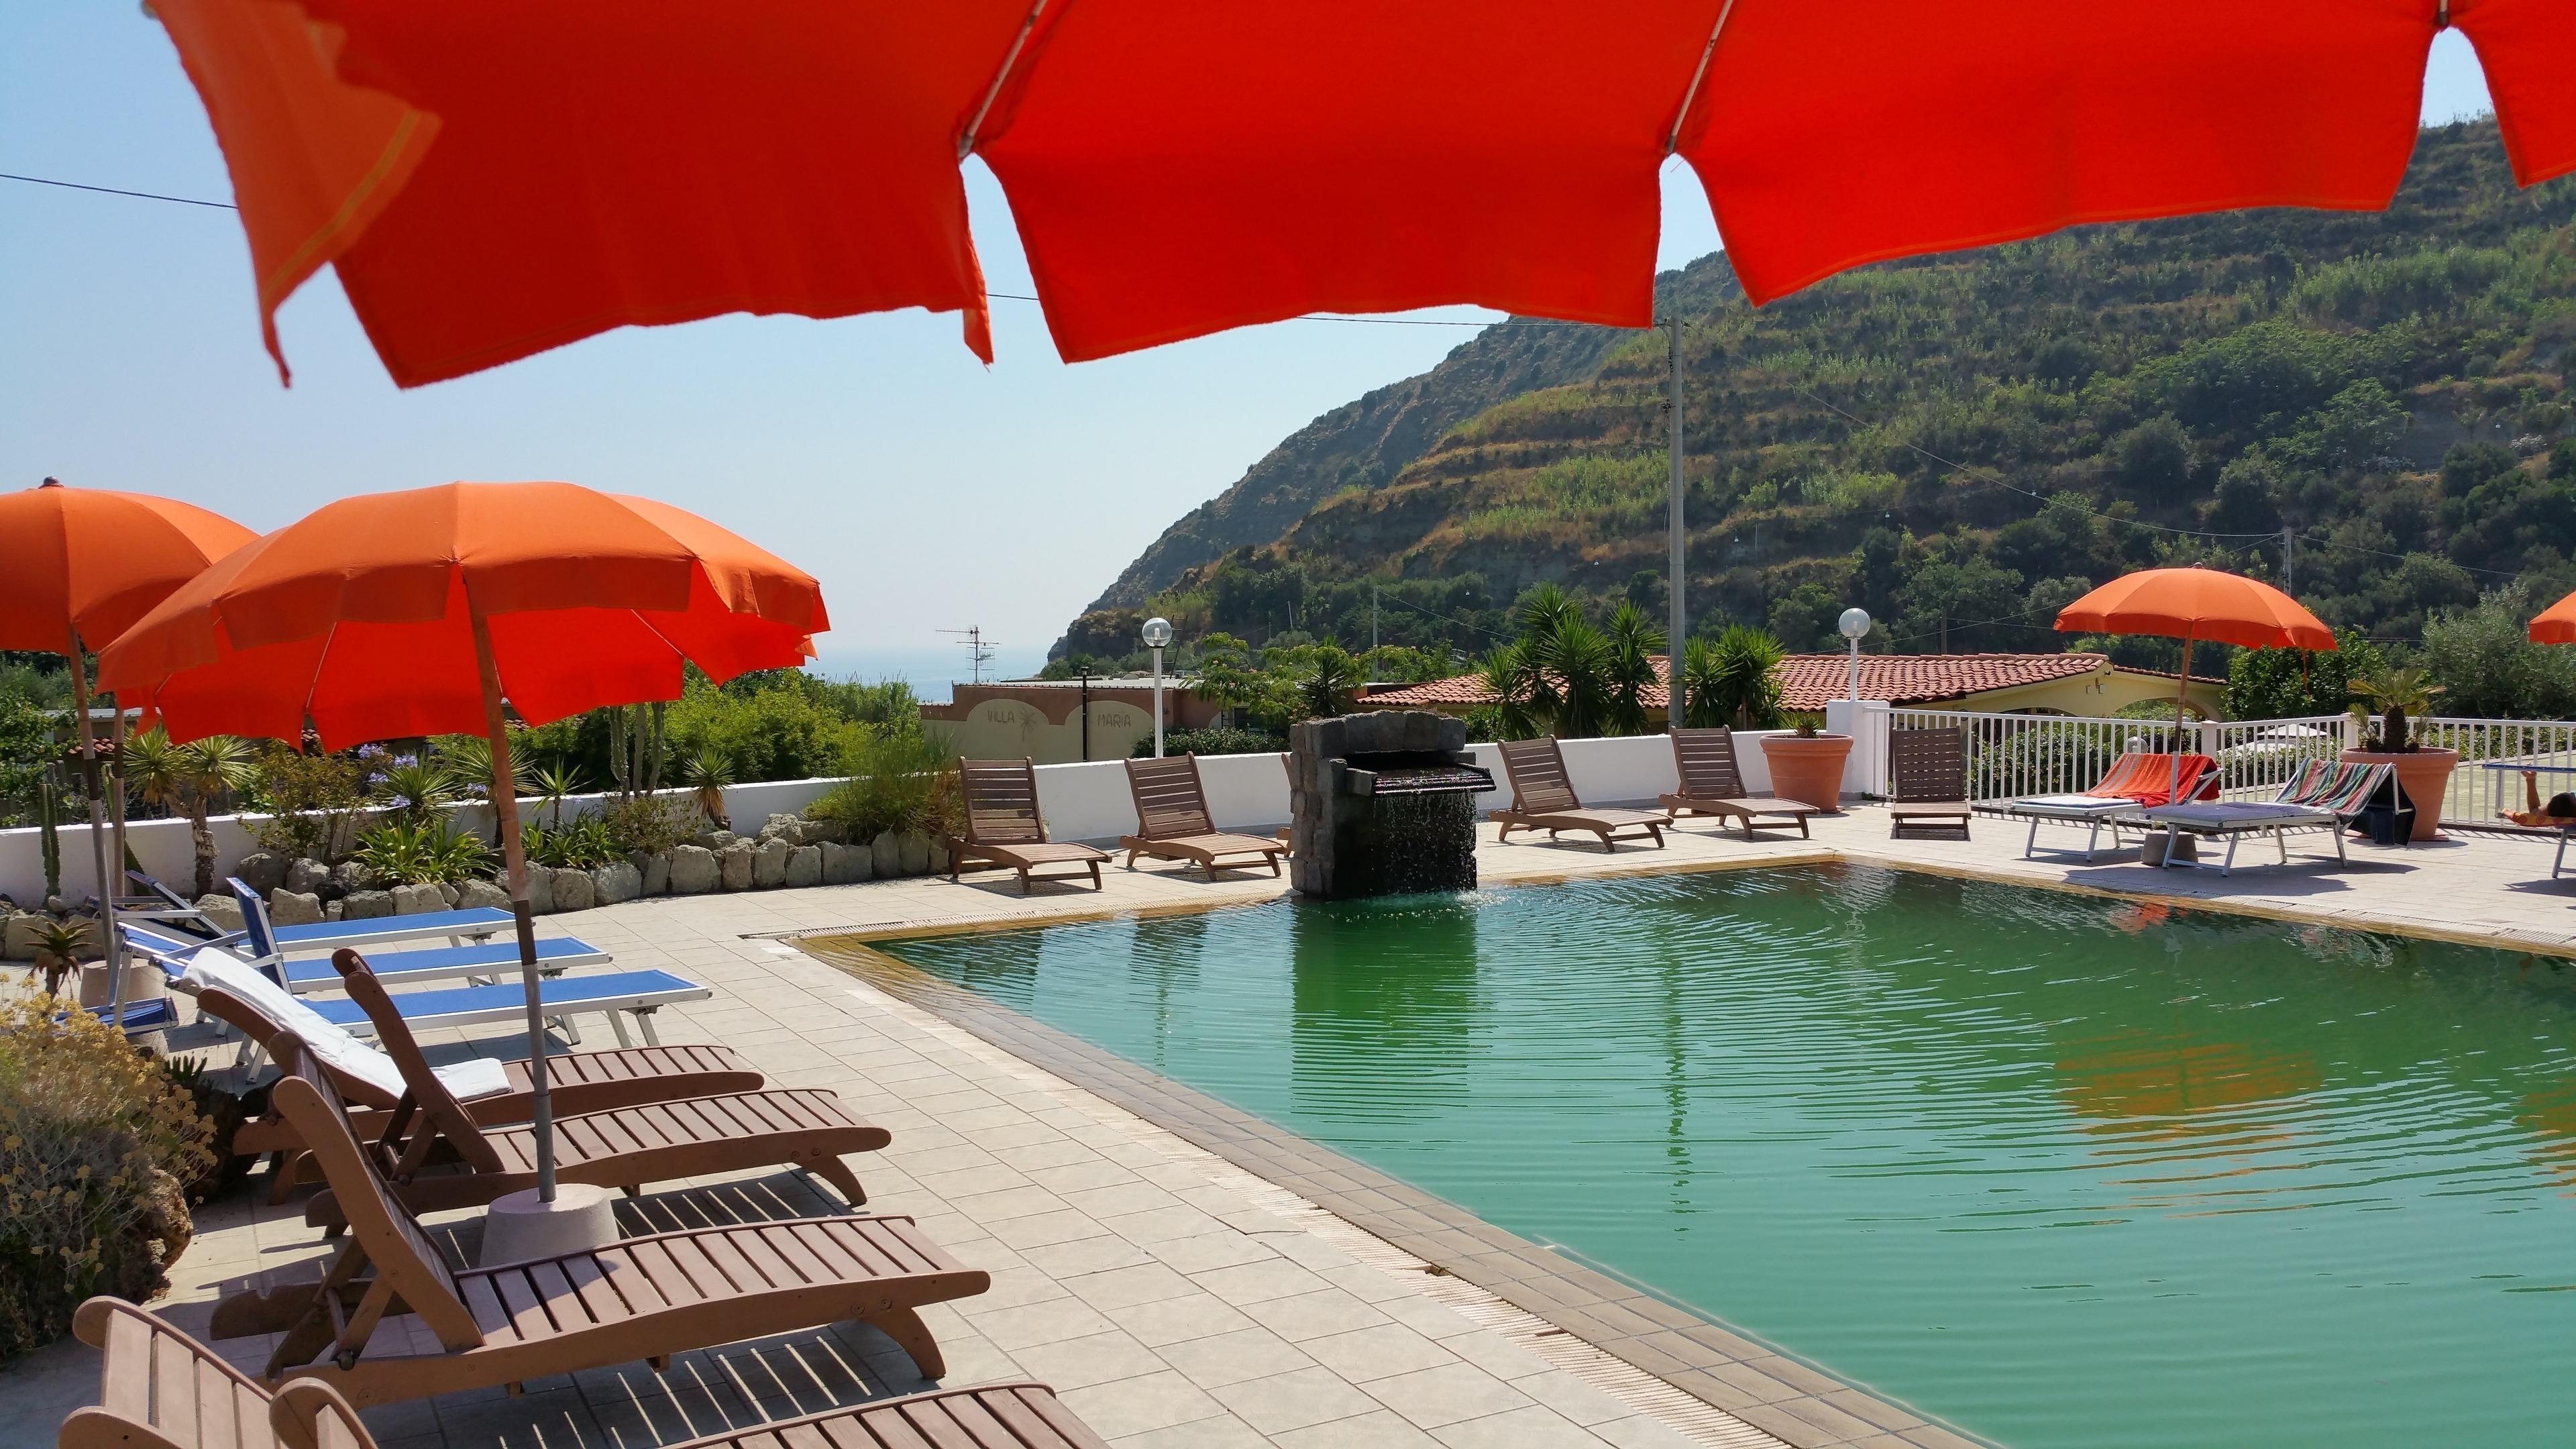 Ferienwohnung mit Thermalpool, eigener Quelle, Unt Ferienwohnung in Italien